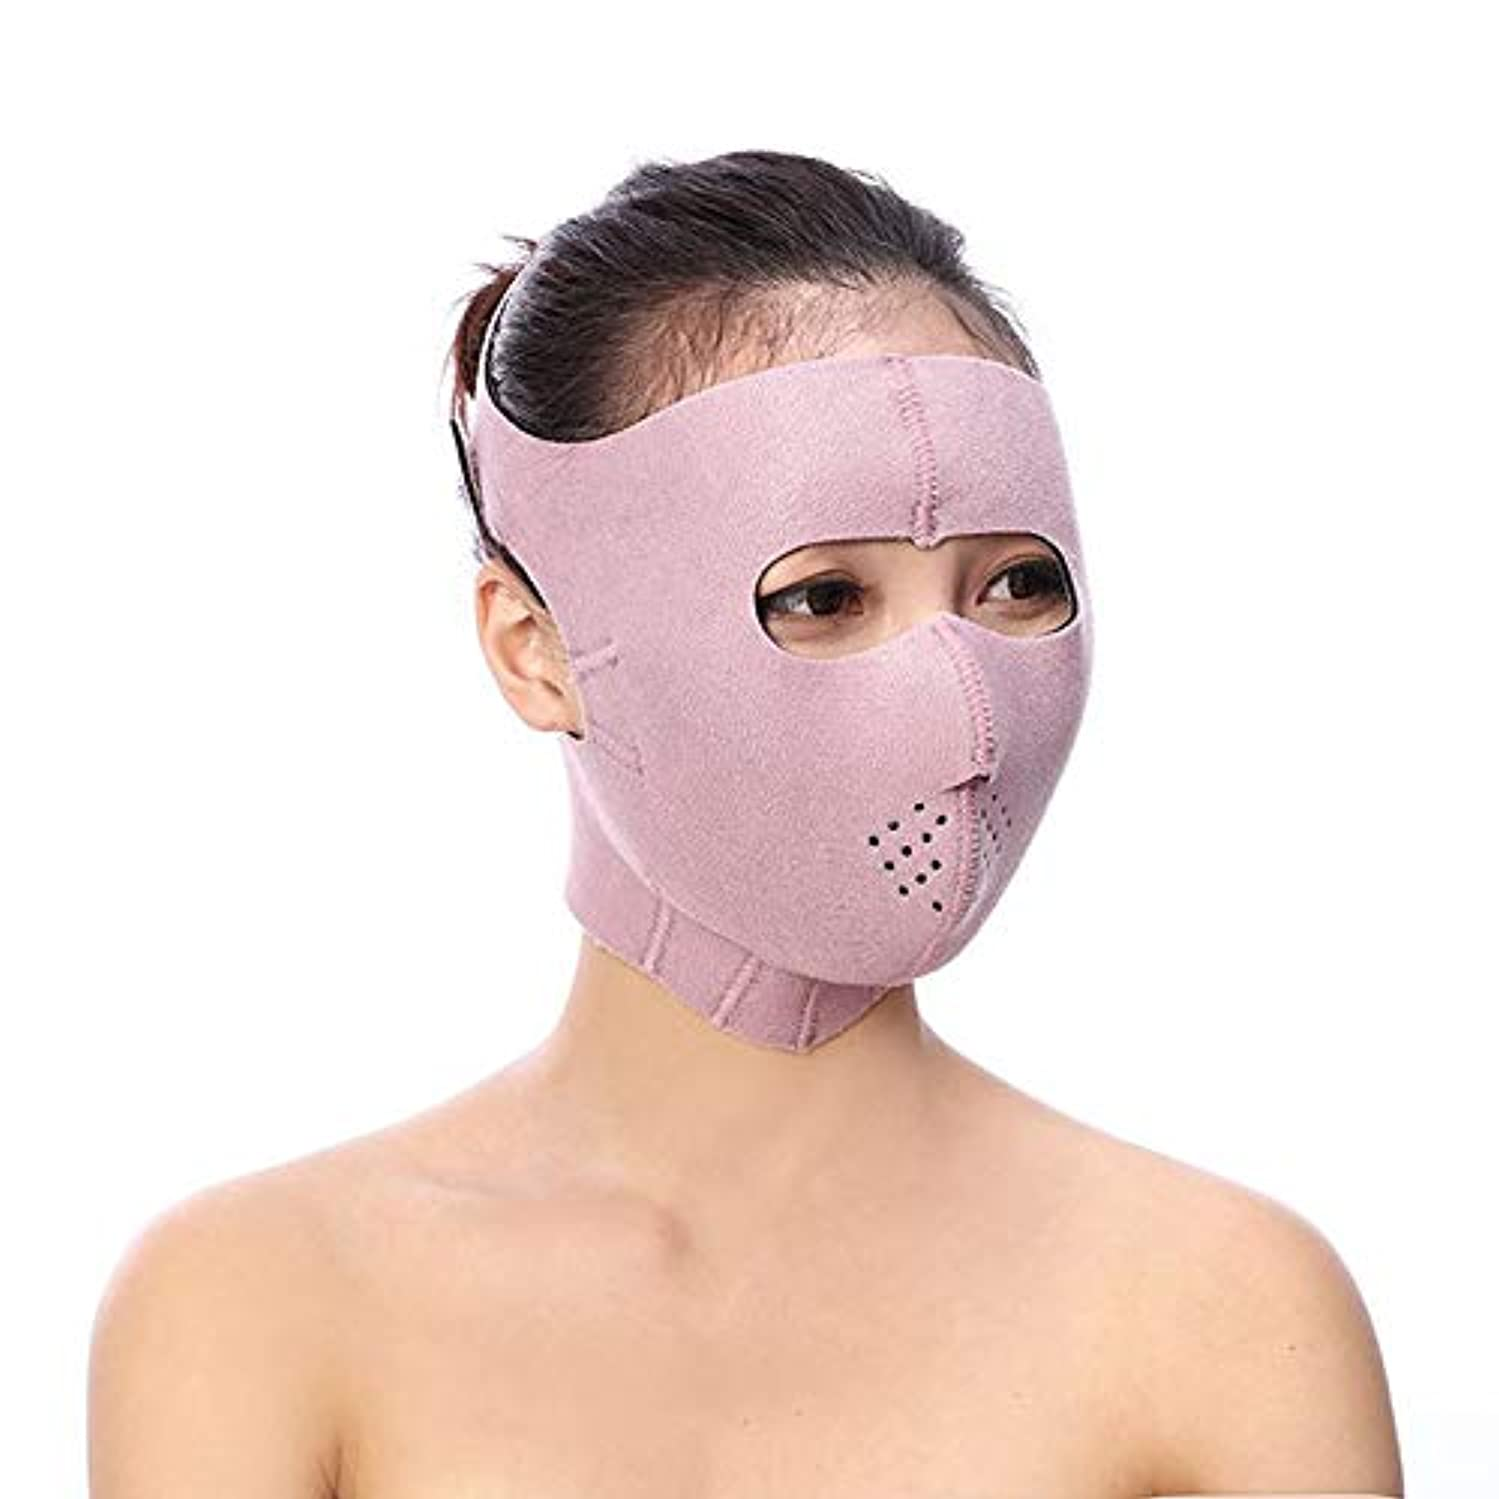 エジプト意味葉を集めるJia Jia- フェイシャルリフティング痩身ベルト - Vフェイス包帯マスクフェイシャルマッサージャー無料の薄いフェイス包帯整形マスクを引き締める顔と首の顔スリム 顔面包帯